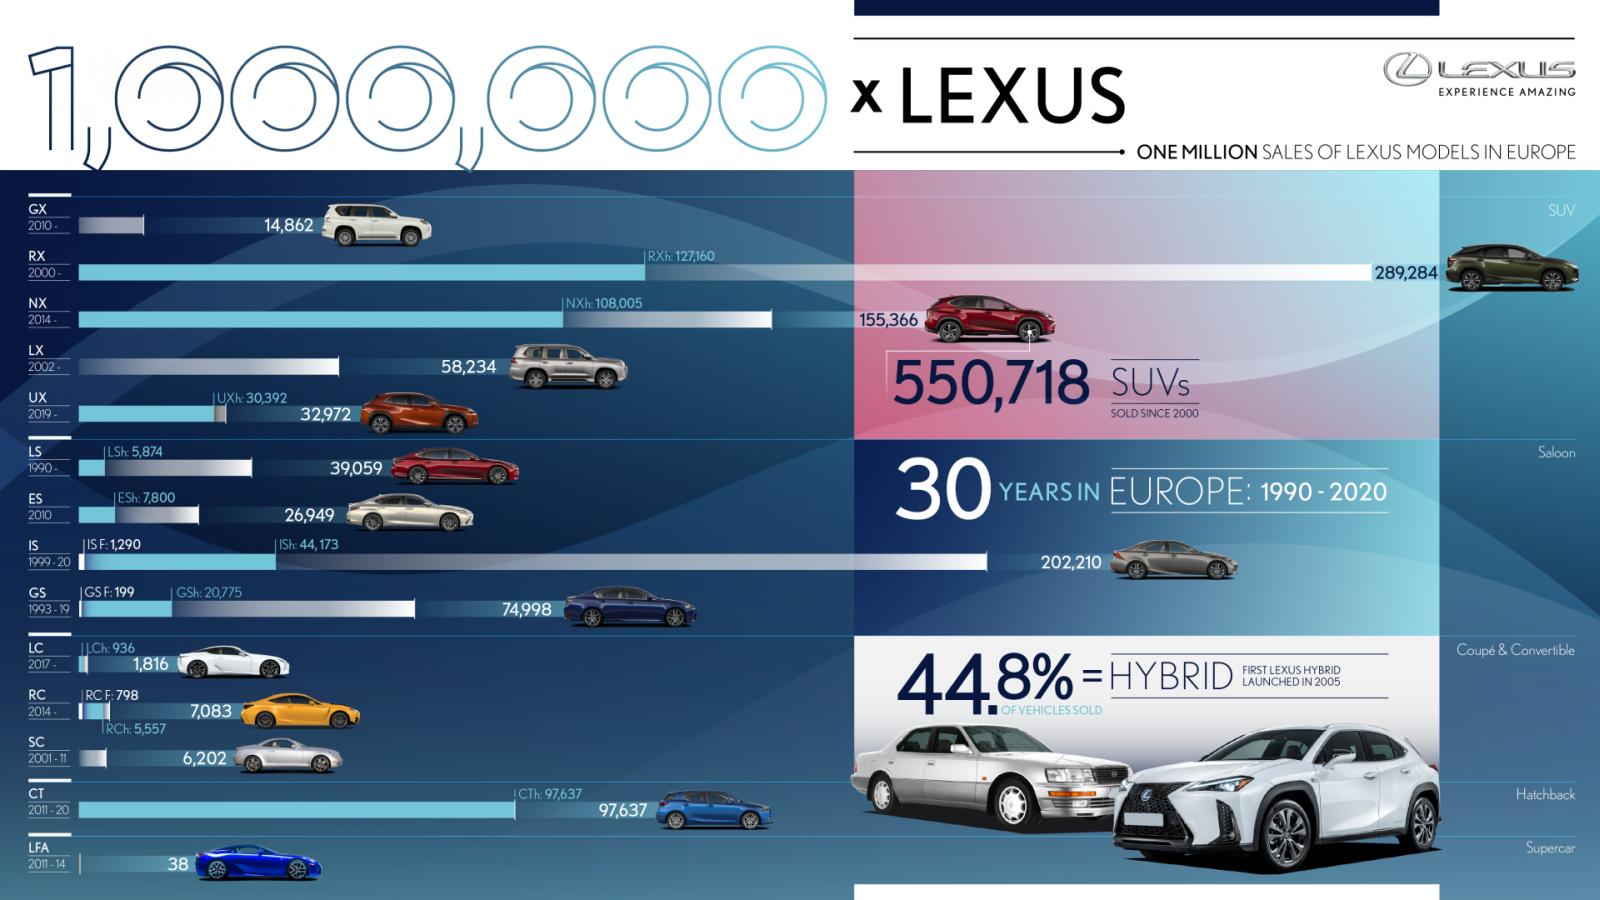 Lexus_Europa_1_millio